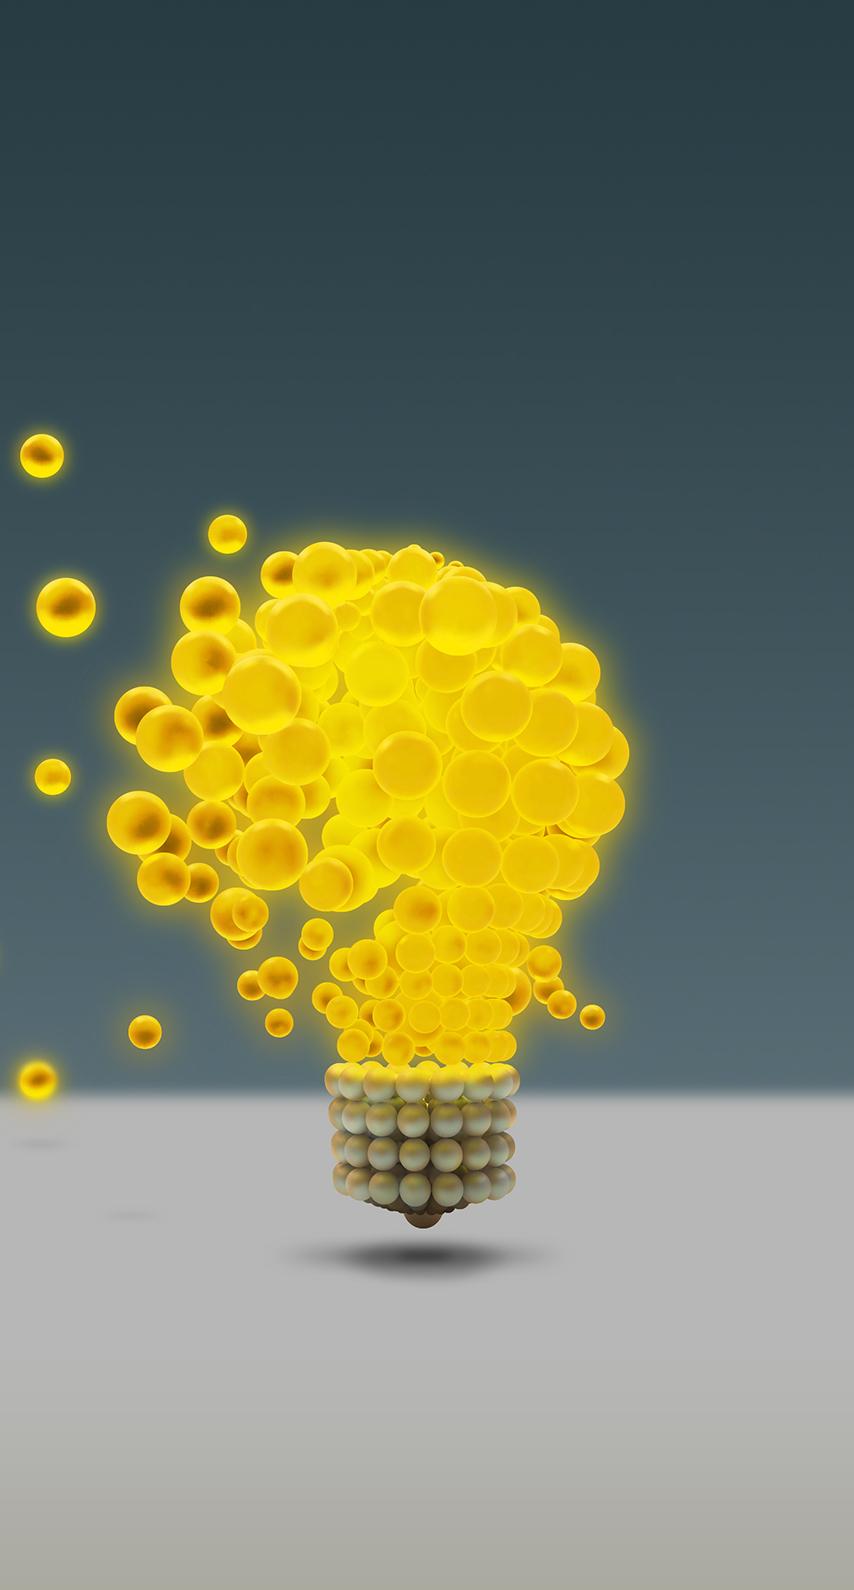 disjunct, bulb